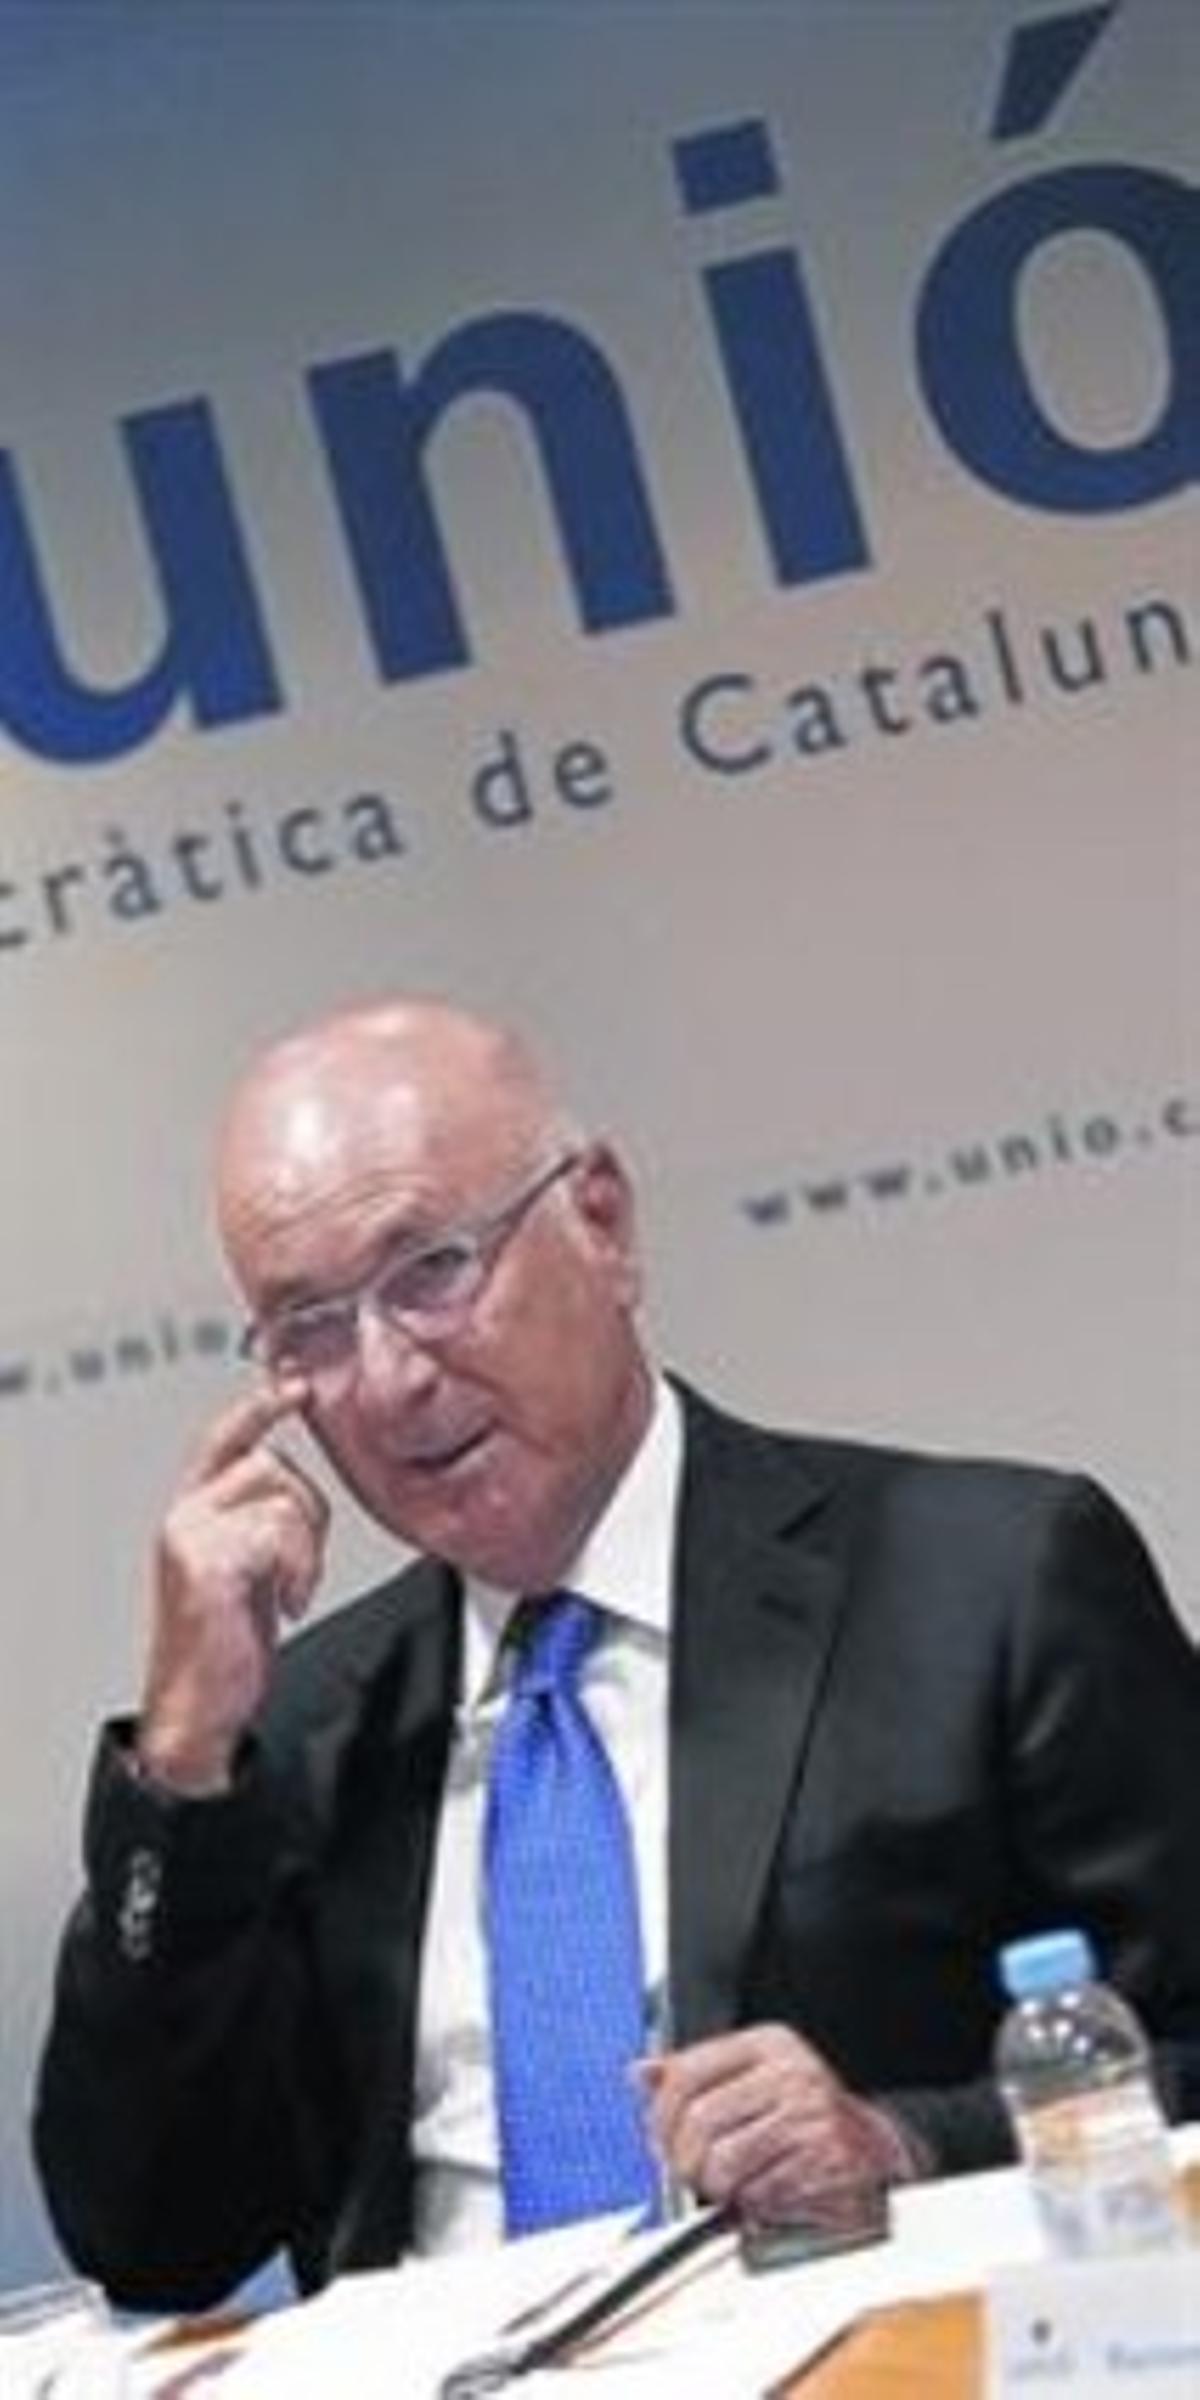 Josep Antoni Duran Lleida, enuna reunión de la dirección de Unió.